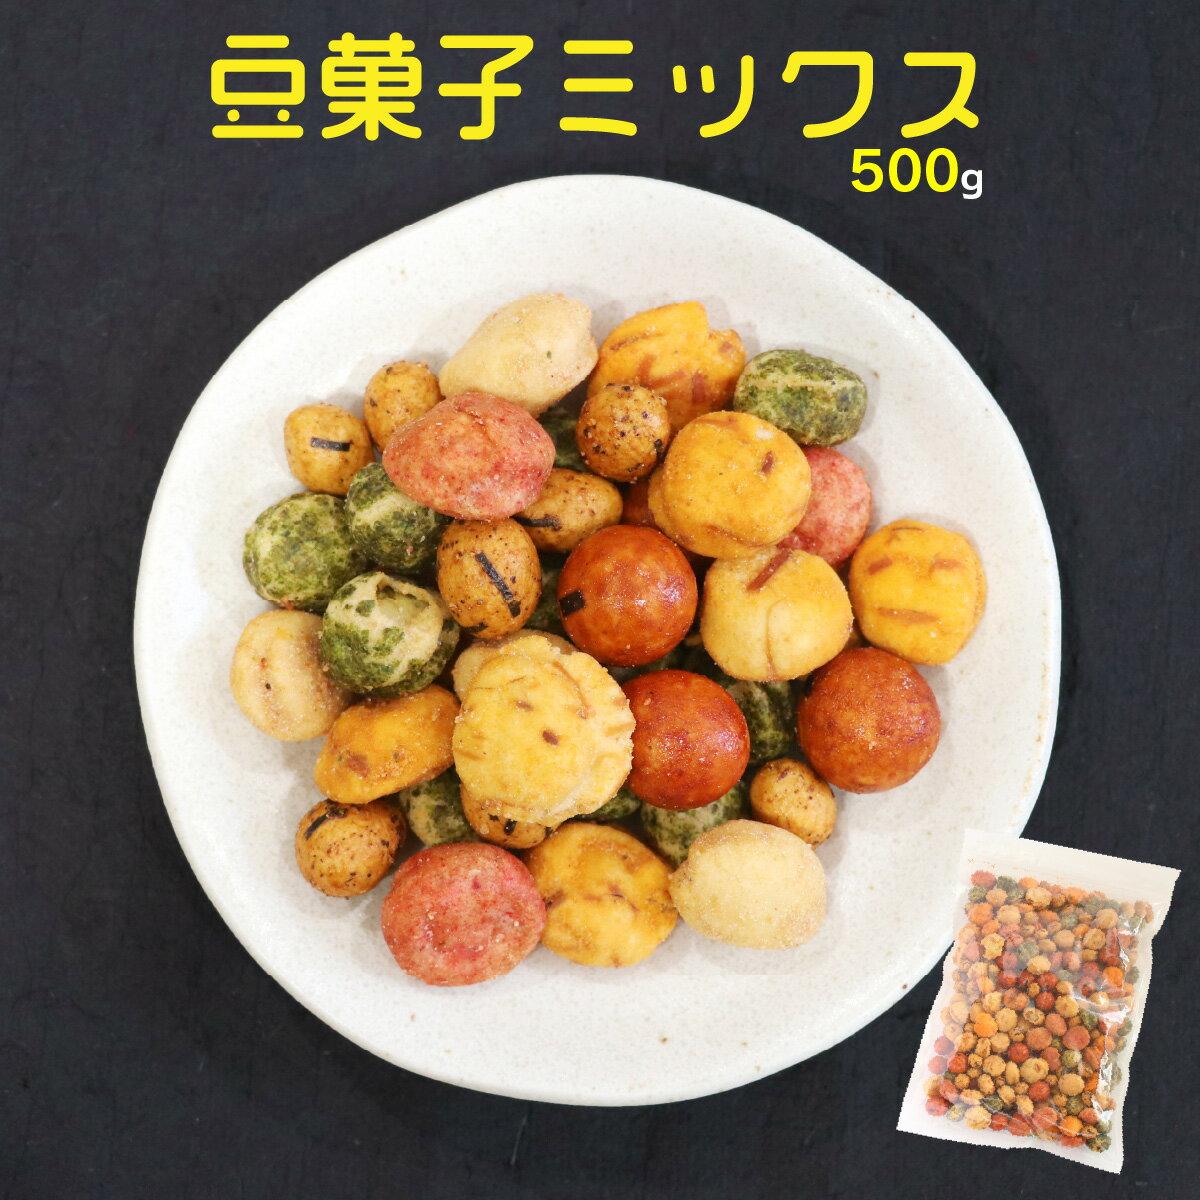 豆菓子ミックス500g【まとめ買い】【南風堂】人気の豆菓子7種を贅沢ミックスおつまみ おやつに【05P09Jan16】